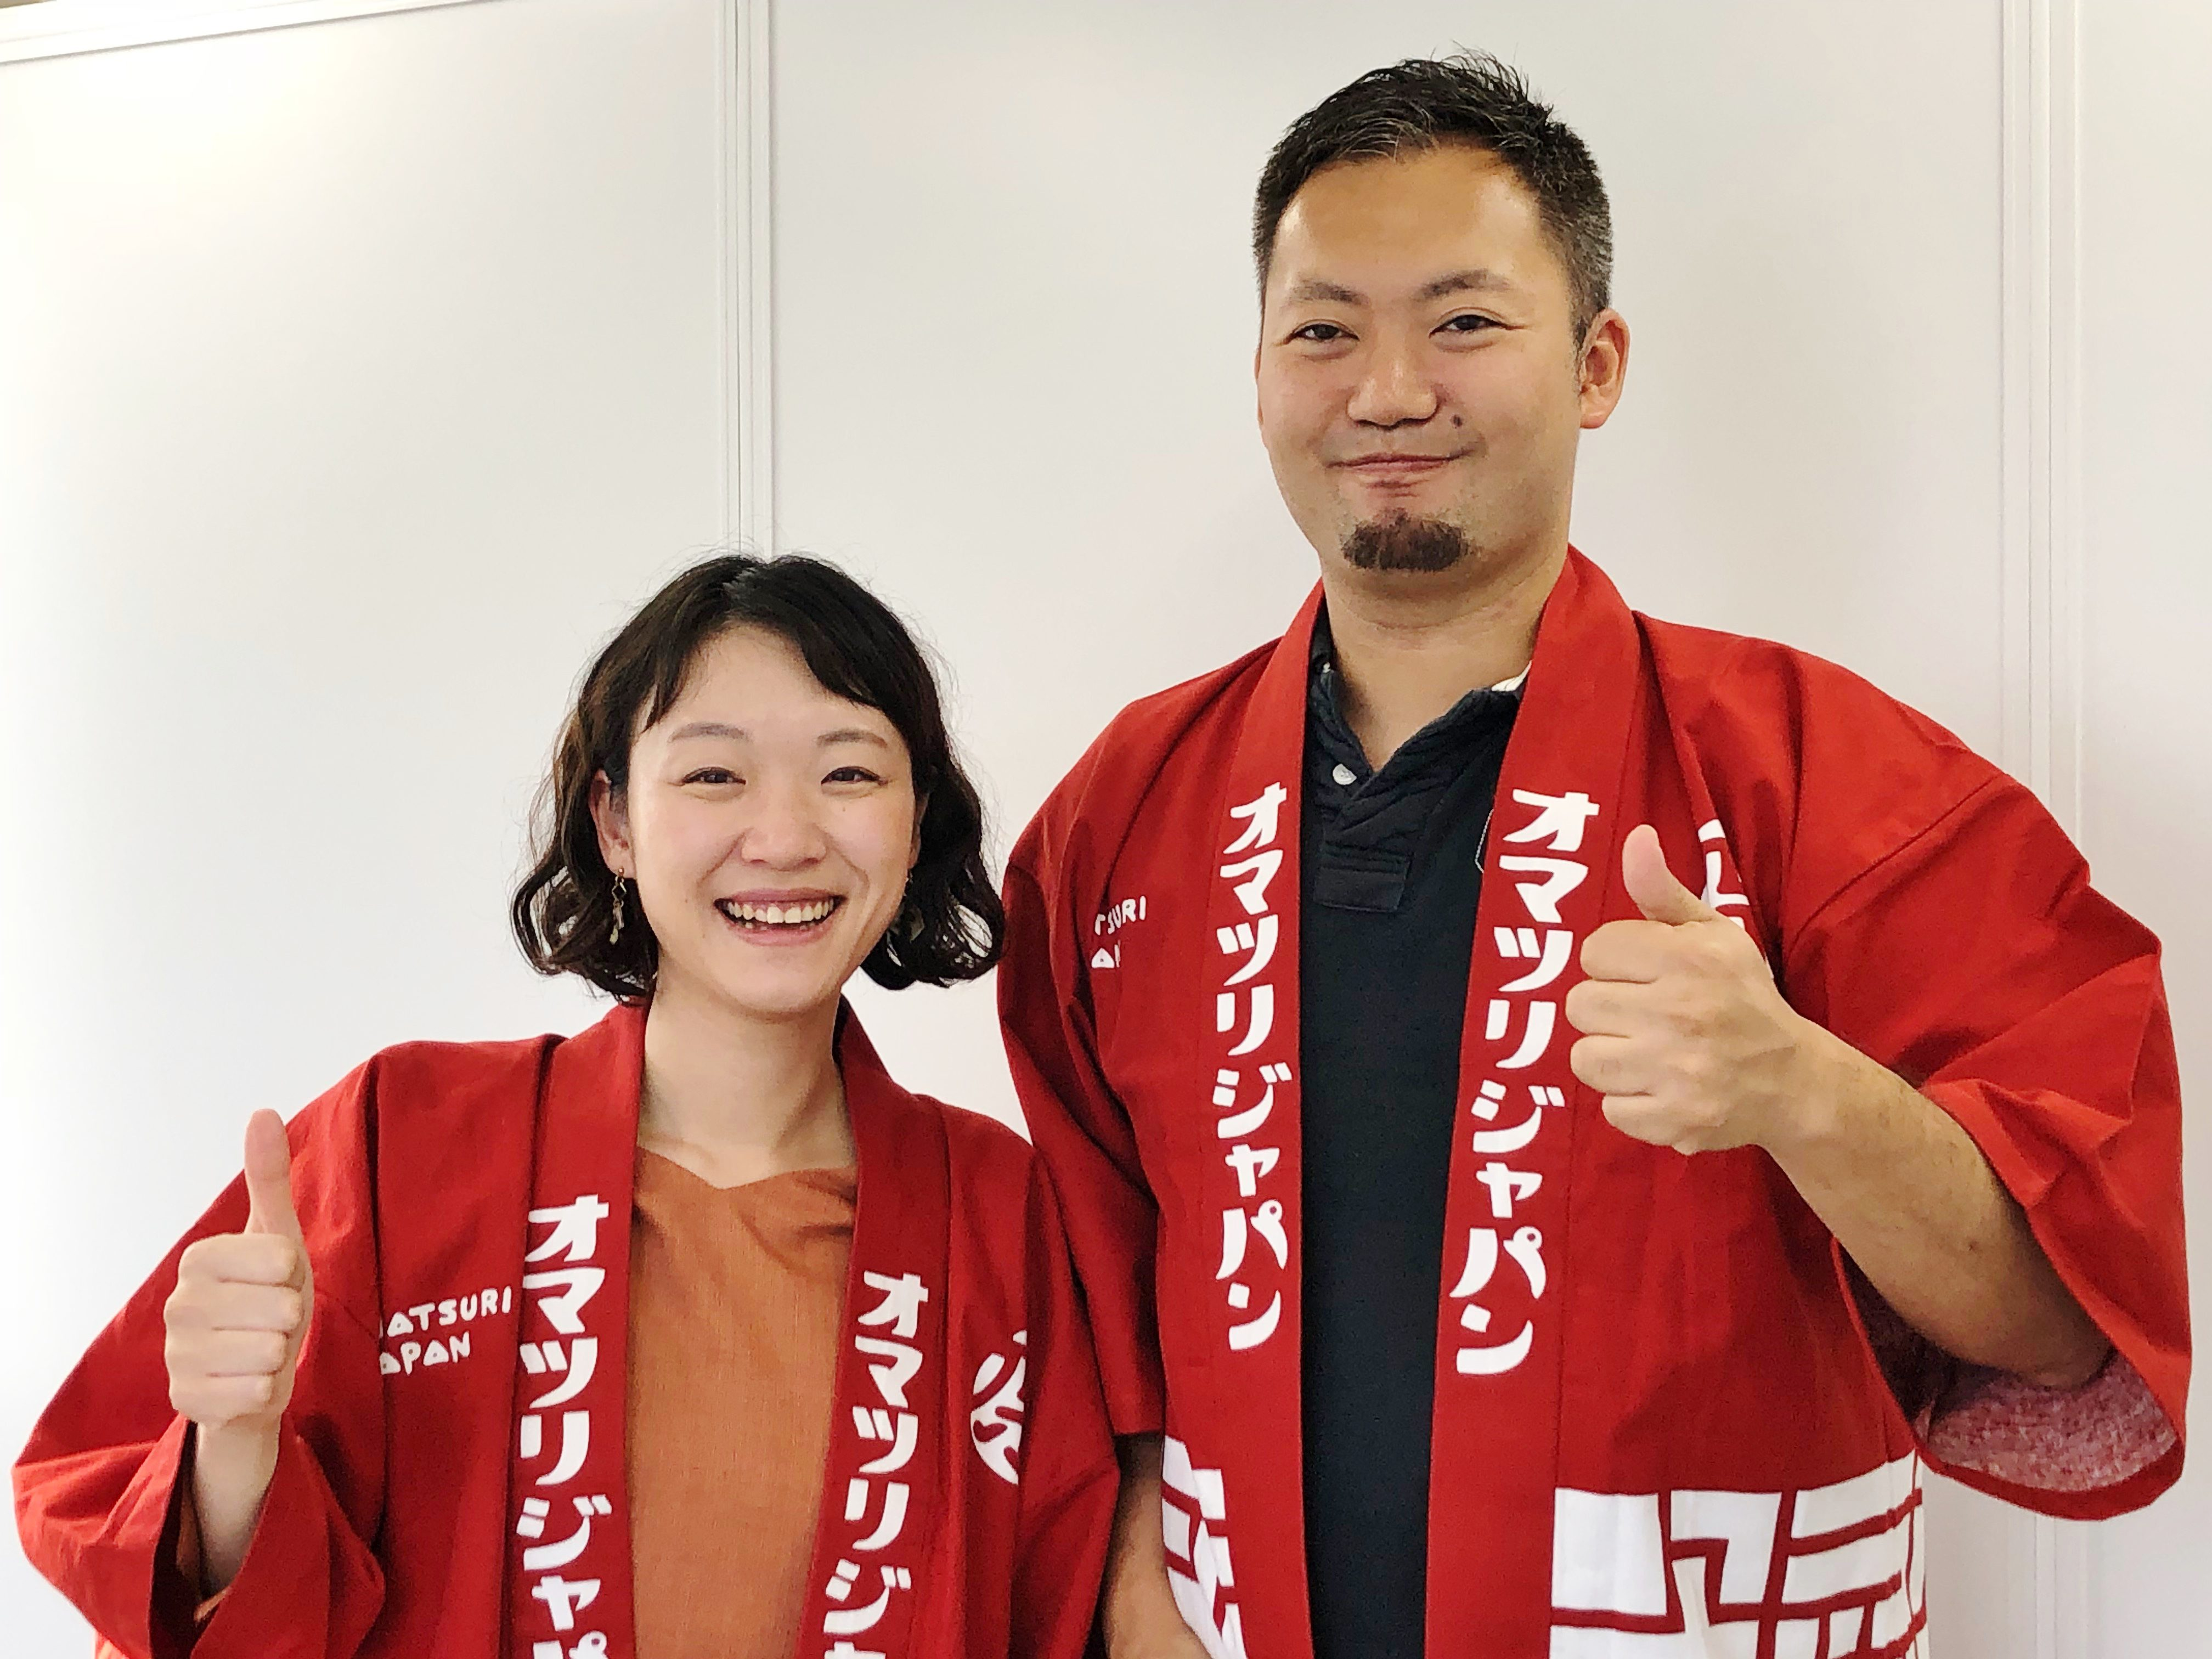 オマツリジャパン・加藤優子氏に聞く 「諦める選択肢なくしたい ...